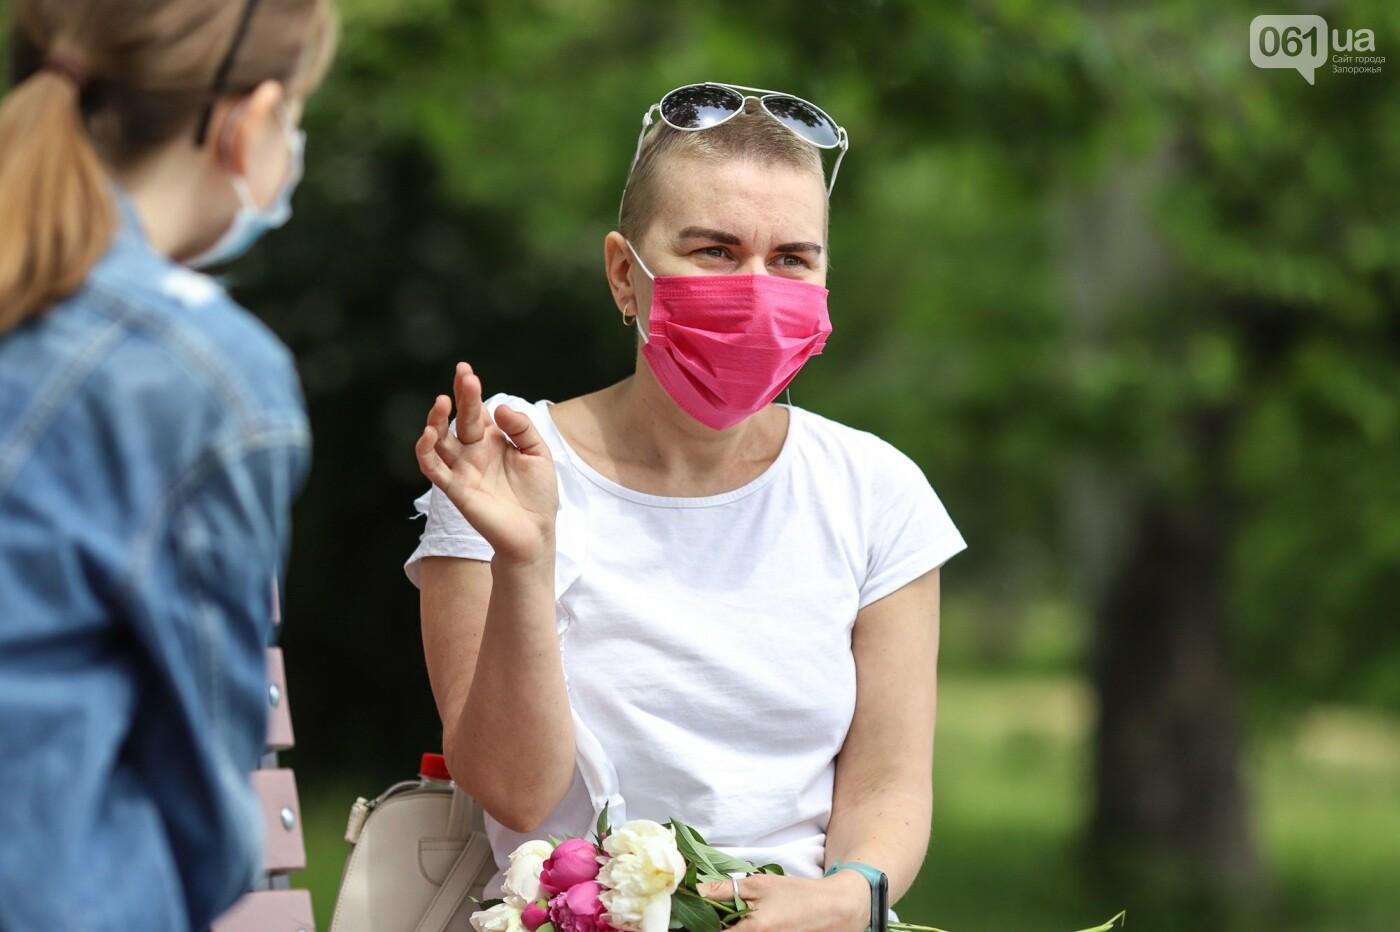 img0452 60bb458c532e7 - «Страшно йти до лікаря і почути такий діагноз, але ще страшніше померти в 33 роки»: запоріжанка Юлія Новицька про боротьбу з раком